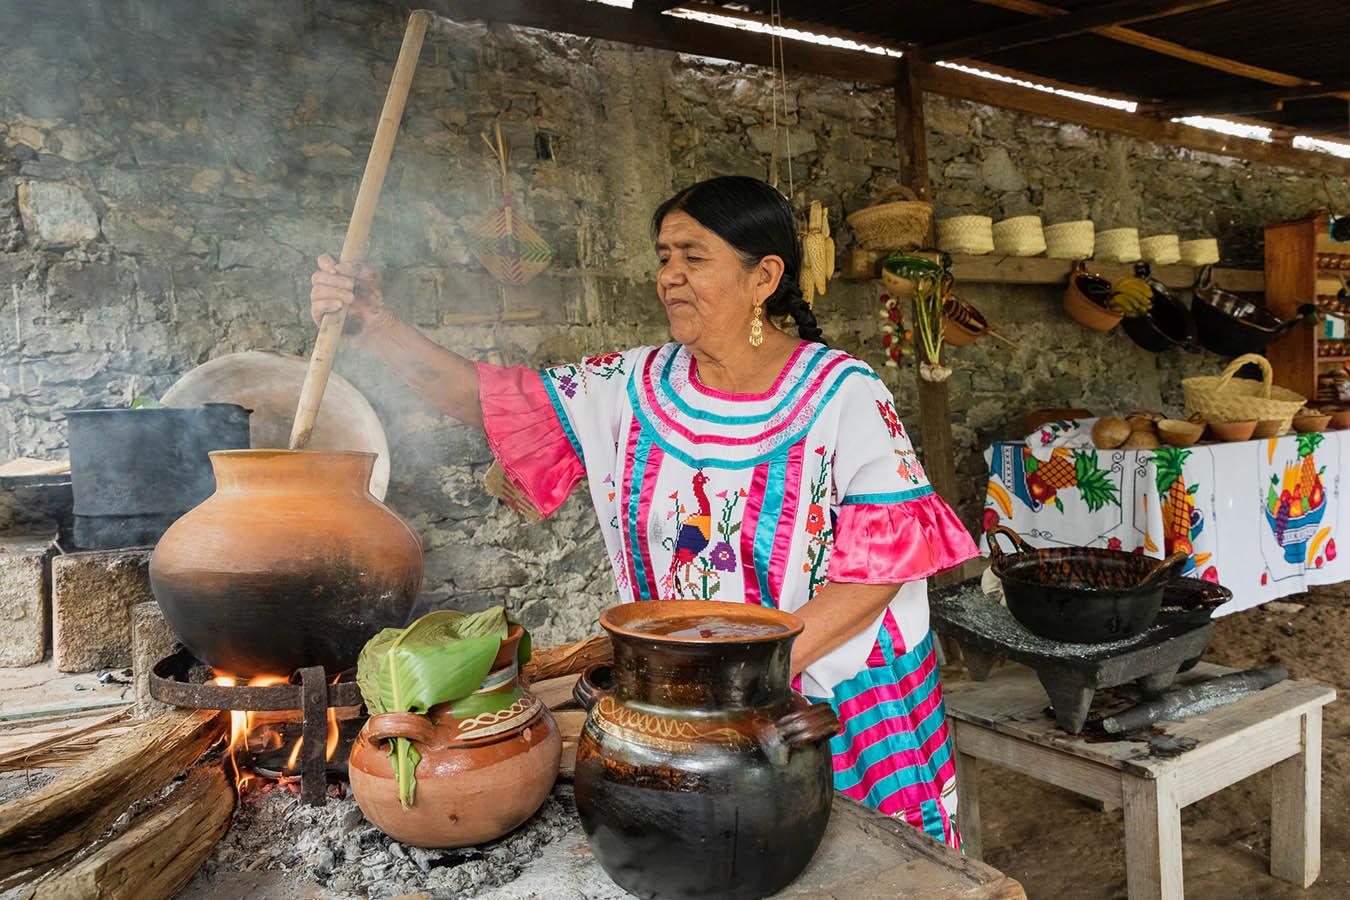 bebidas de oaxaca atole de maiz salvador cueva cocina tradicional bebidas tradicionales